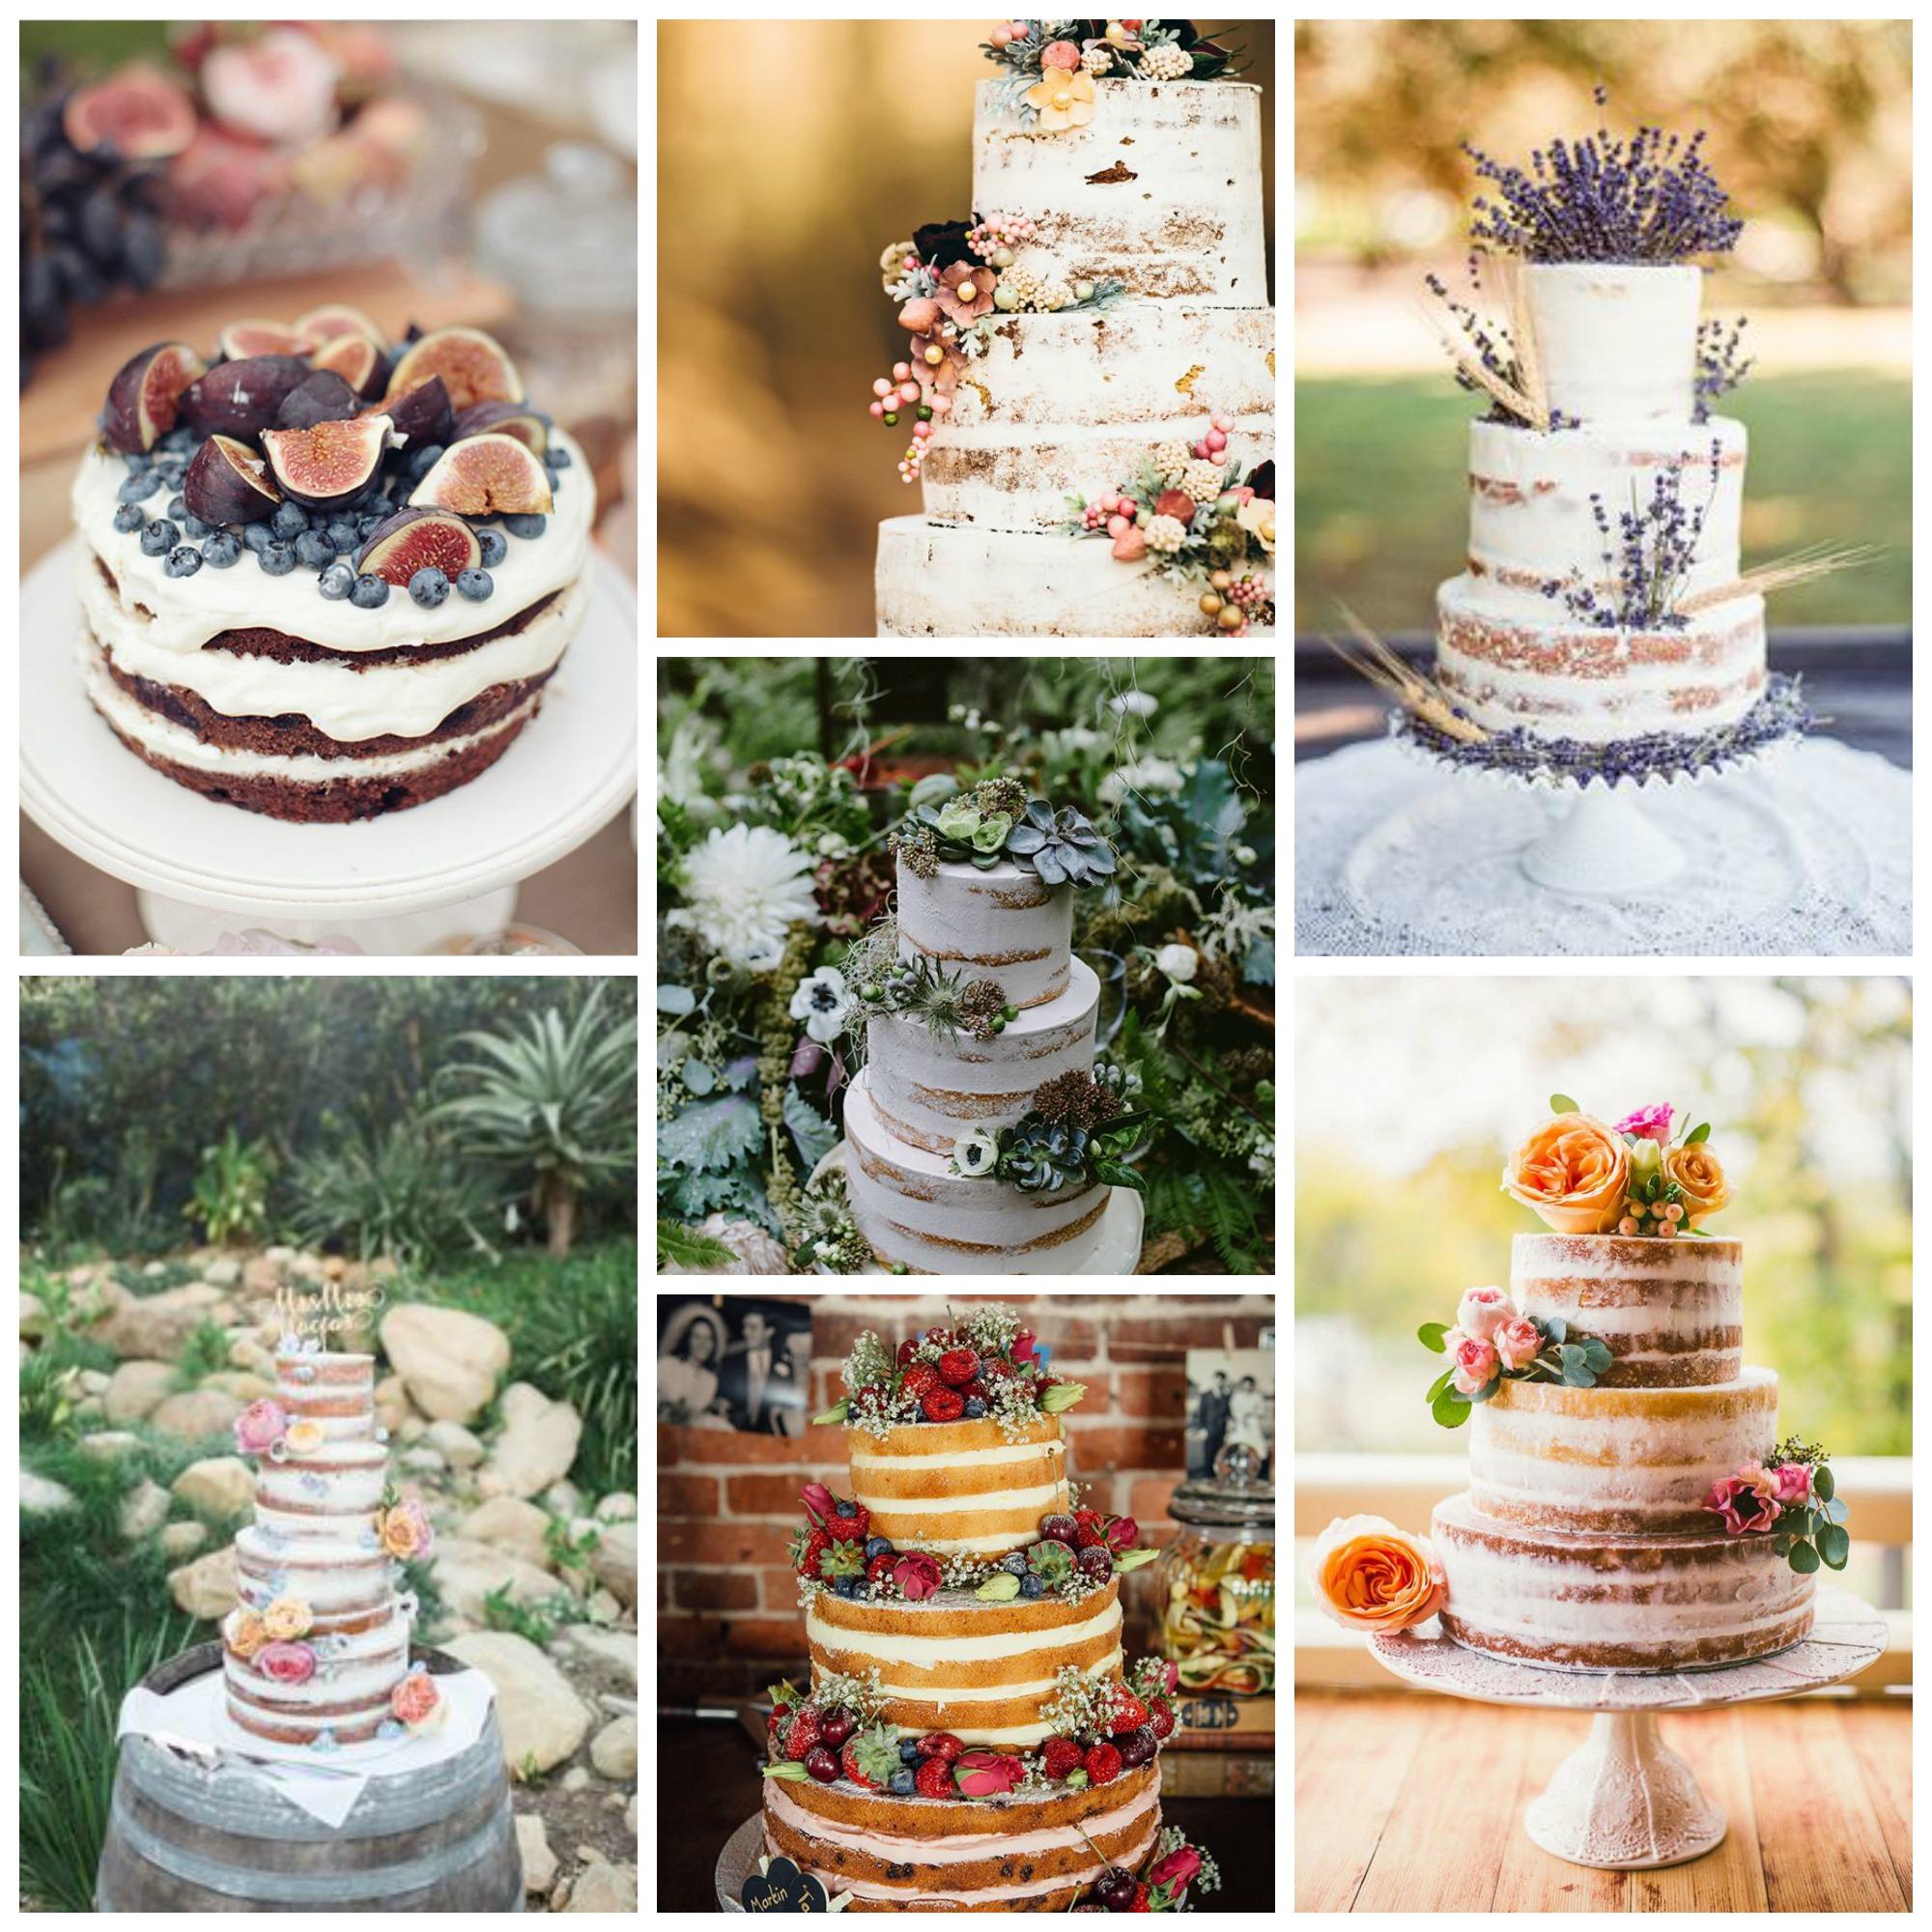 unfrosten wedding cake